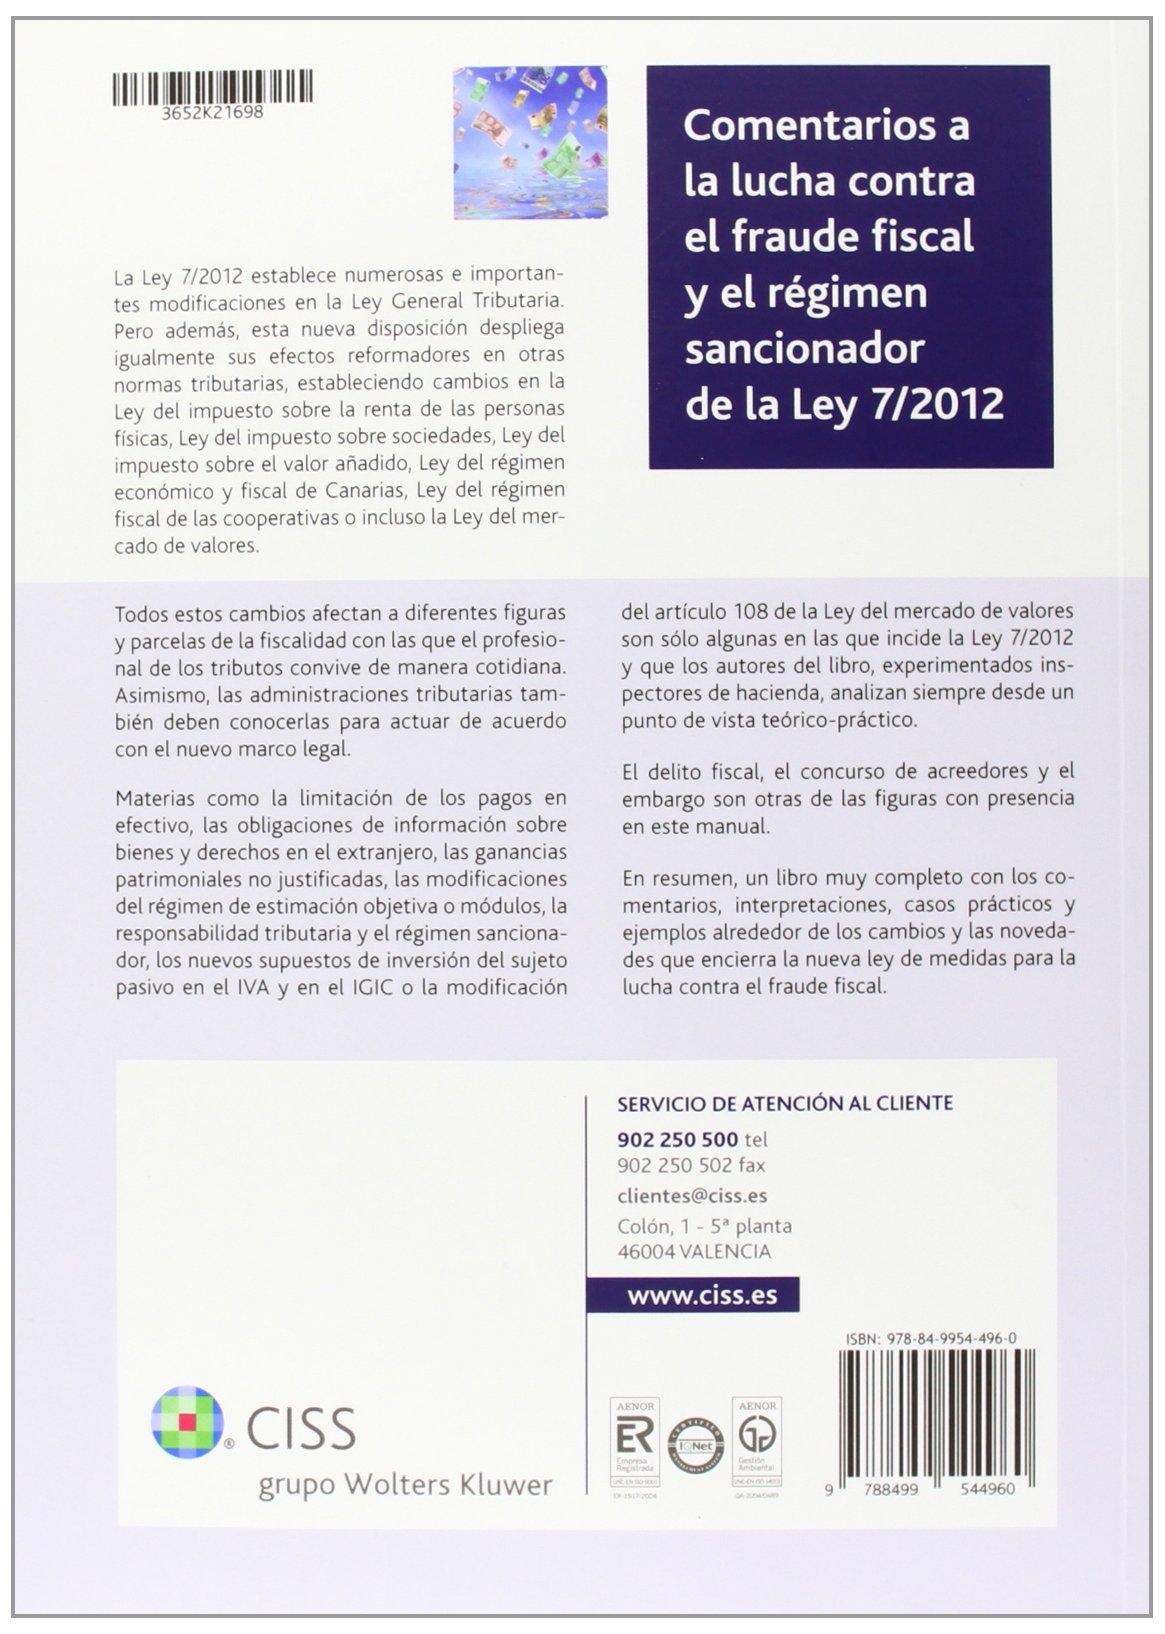 Comentarios a la lucha contra el fraude fiscal y el régimen sancionador de la Ley 7/2012: Amazon.es: José María Peláez Martos, Manuel Santolaya Blay: Libros